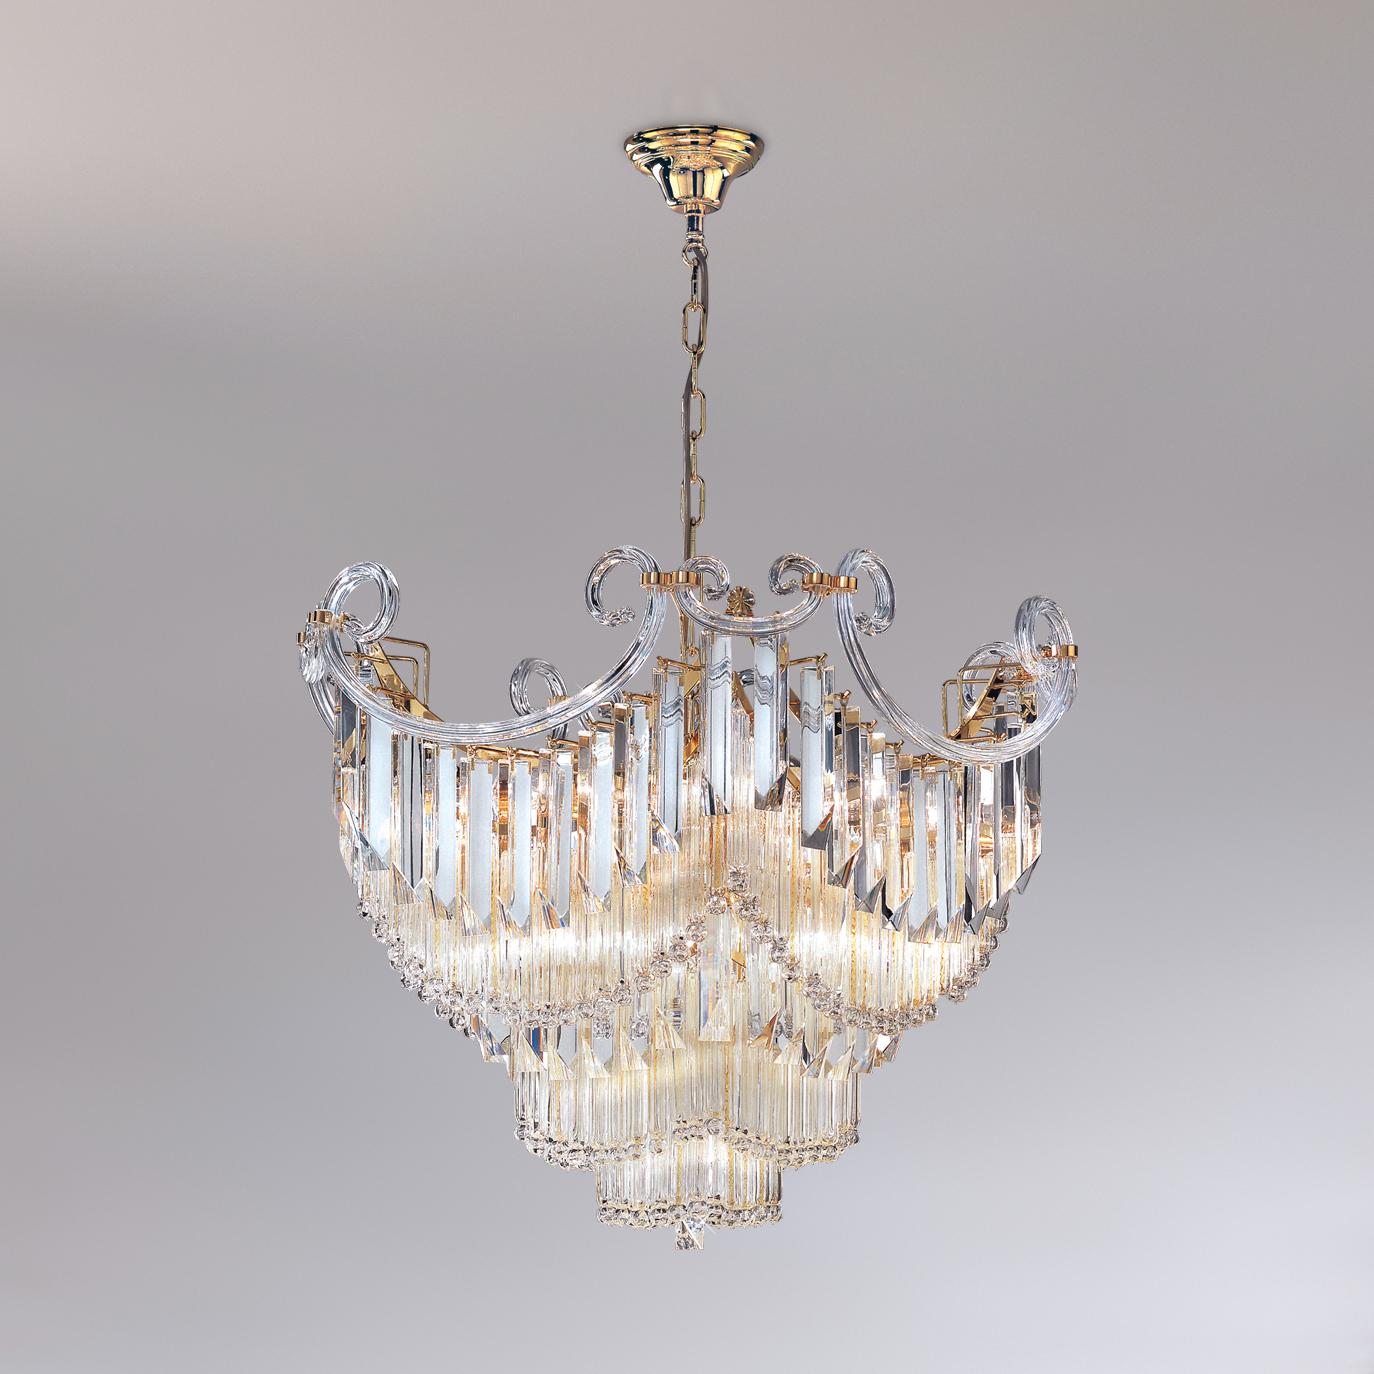 LAMPADARIO con triedri in cristallo o triedri e quadriedri in vetro di Murano, disponbili in molti colori, montatura in cromo lucido o oro 24 carati: Cristalli 6038/70